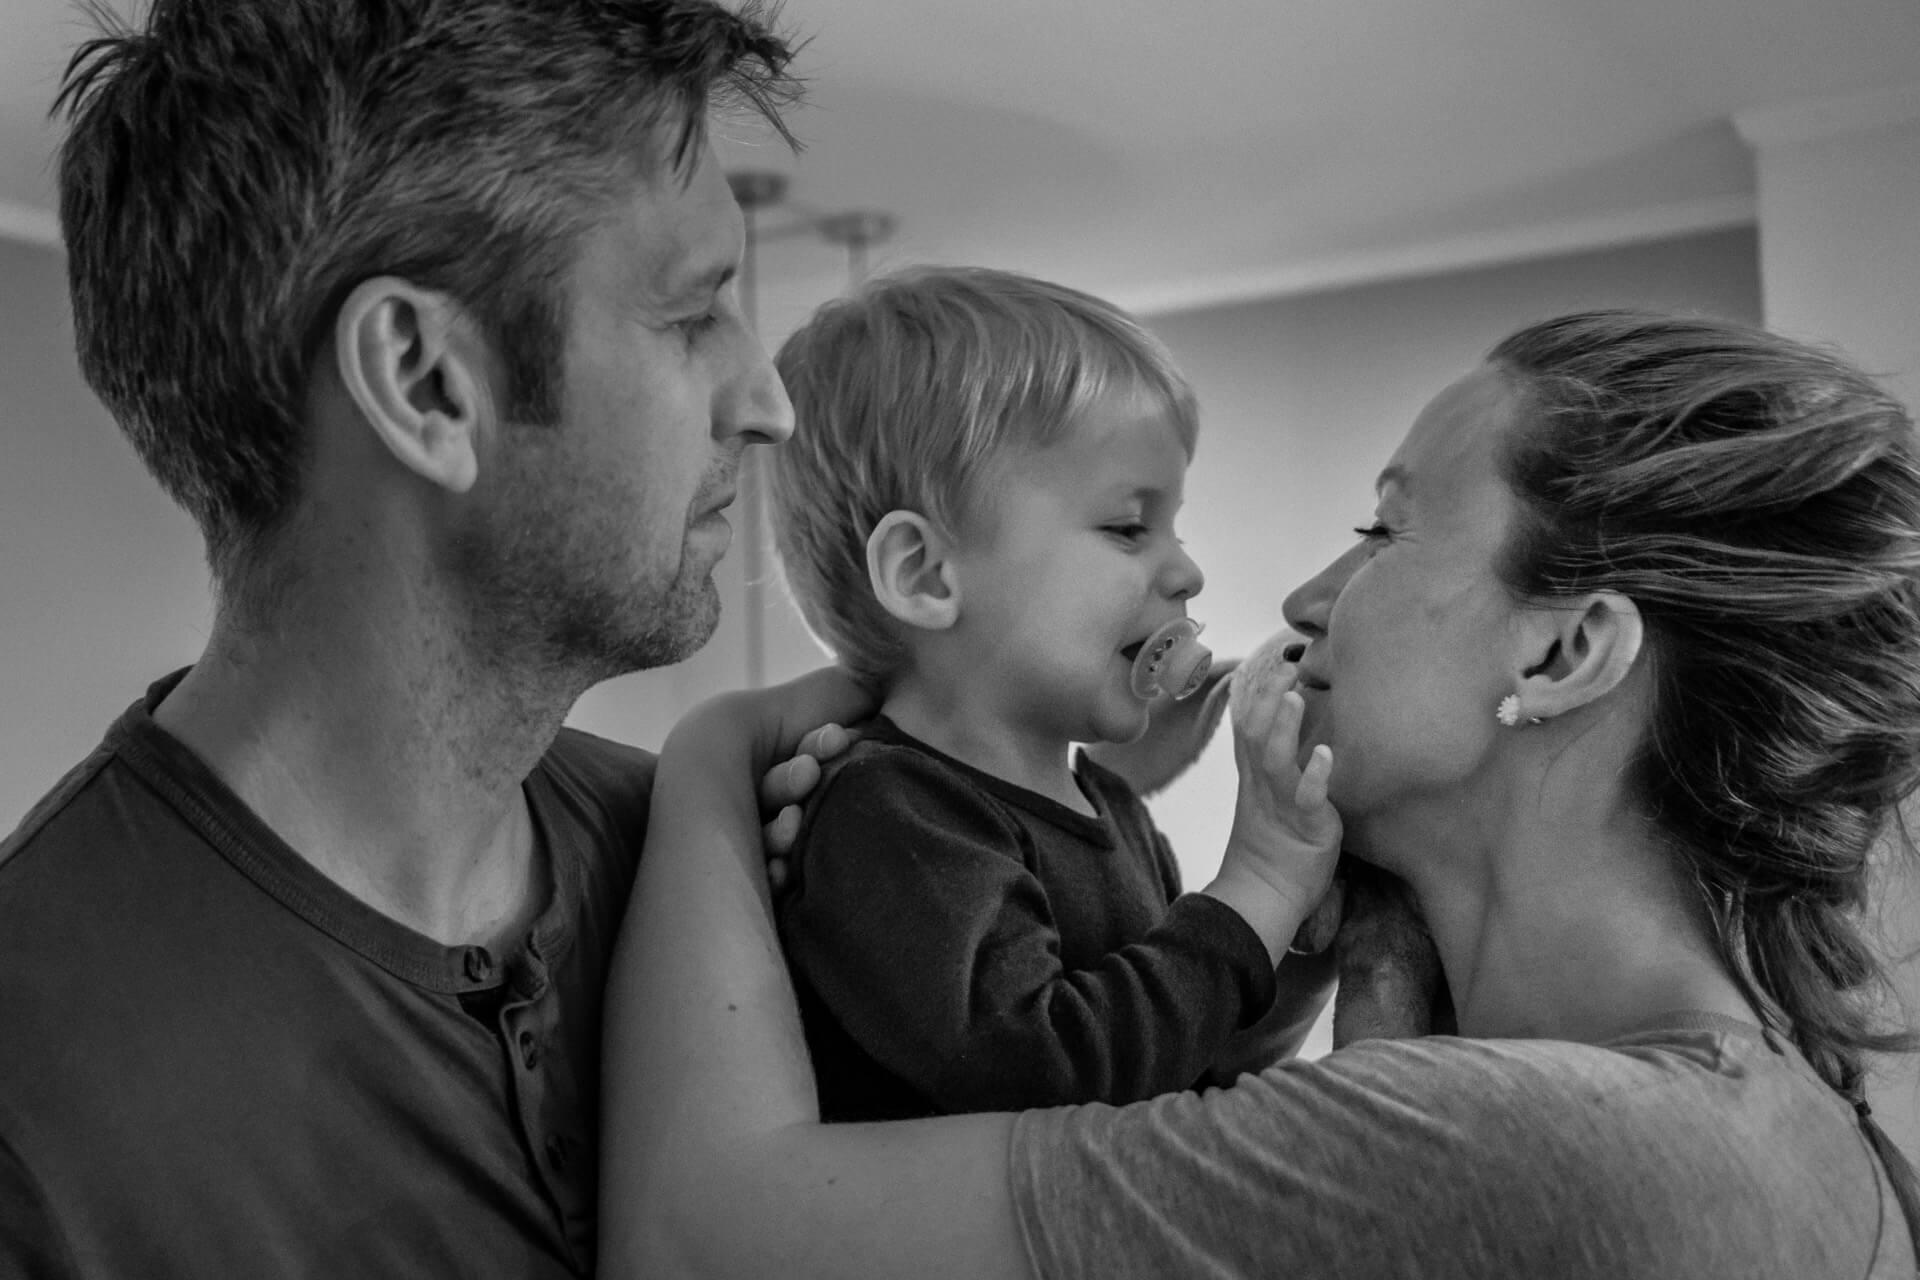 Liten gutt med smokk i munnen blir holdt i foreldrenes armer. De smiler og koser med hverandre.